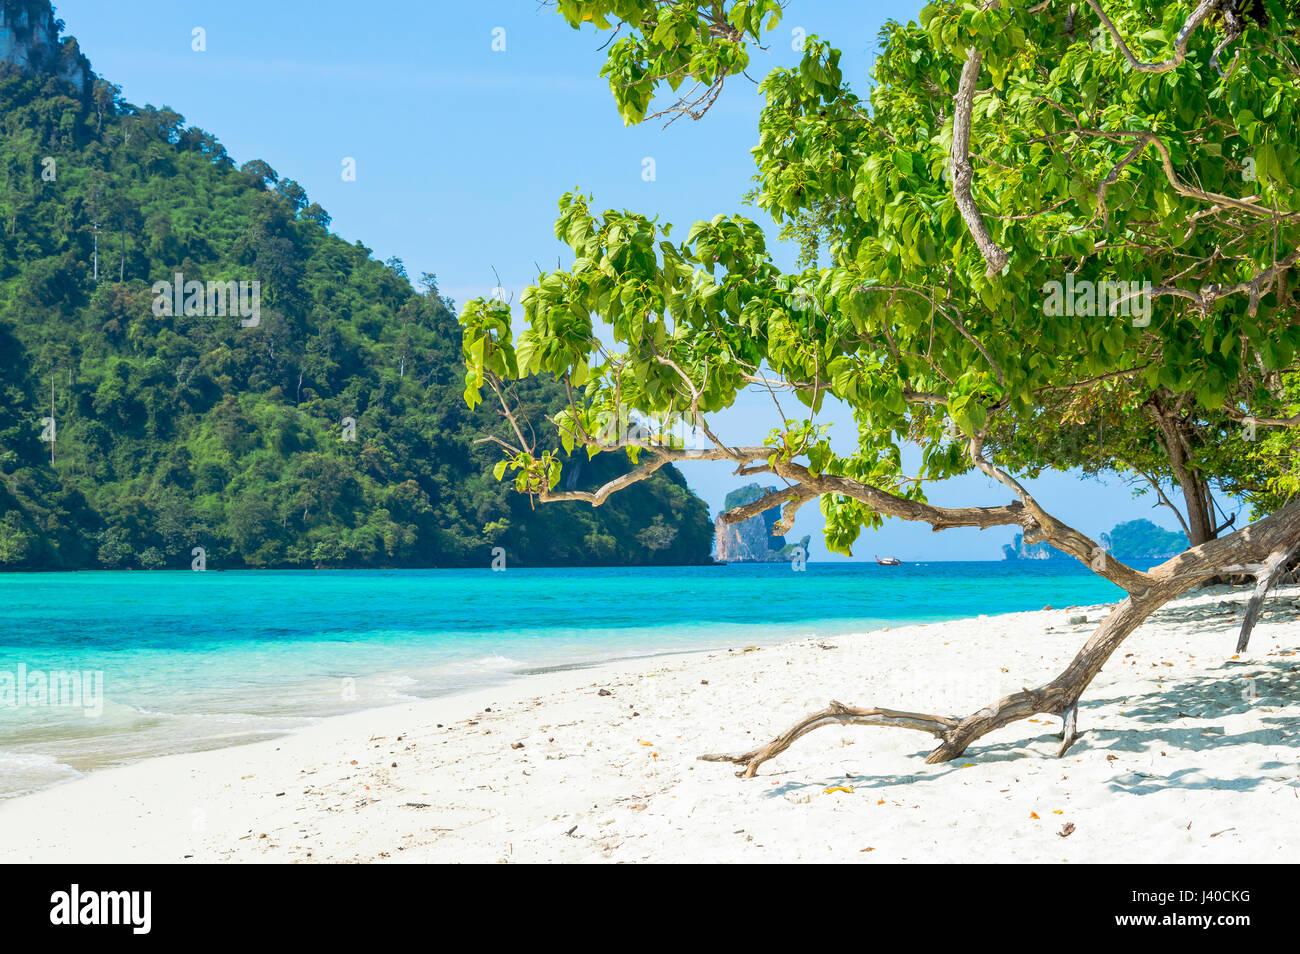 Vista panoramica di isola tropicale sulla spiaggia costa contro Immagini Stock